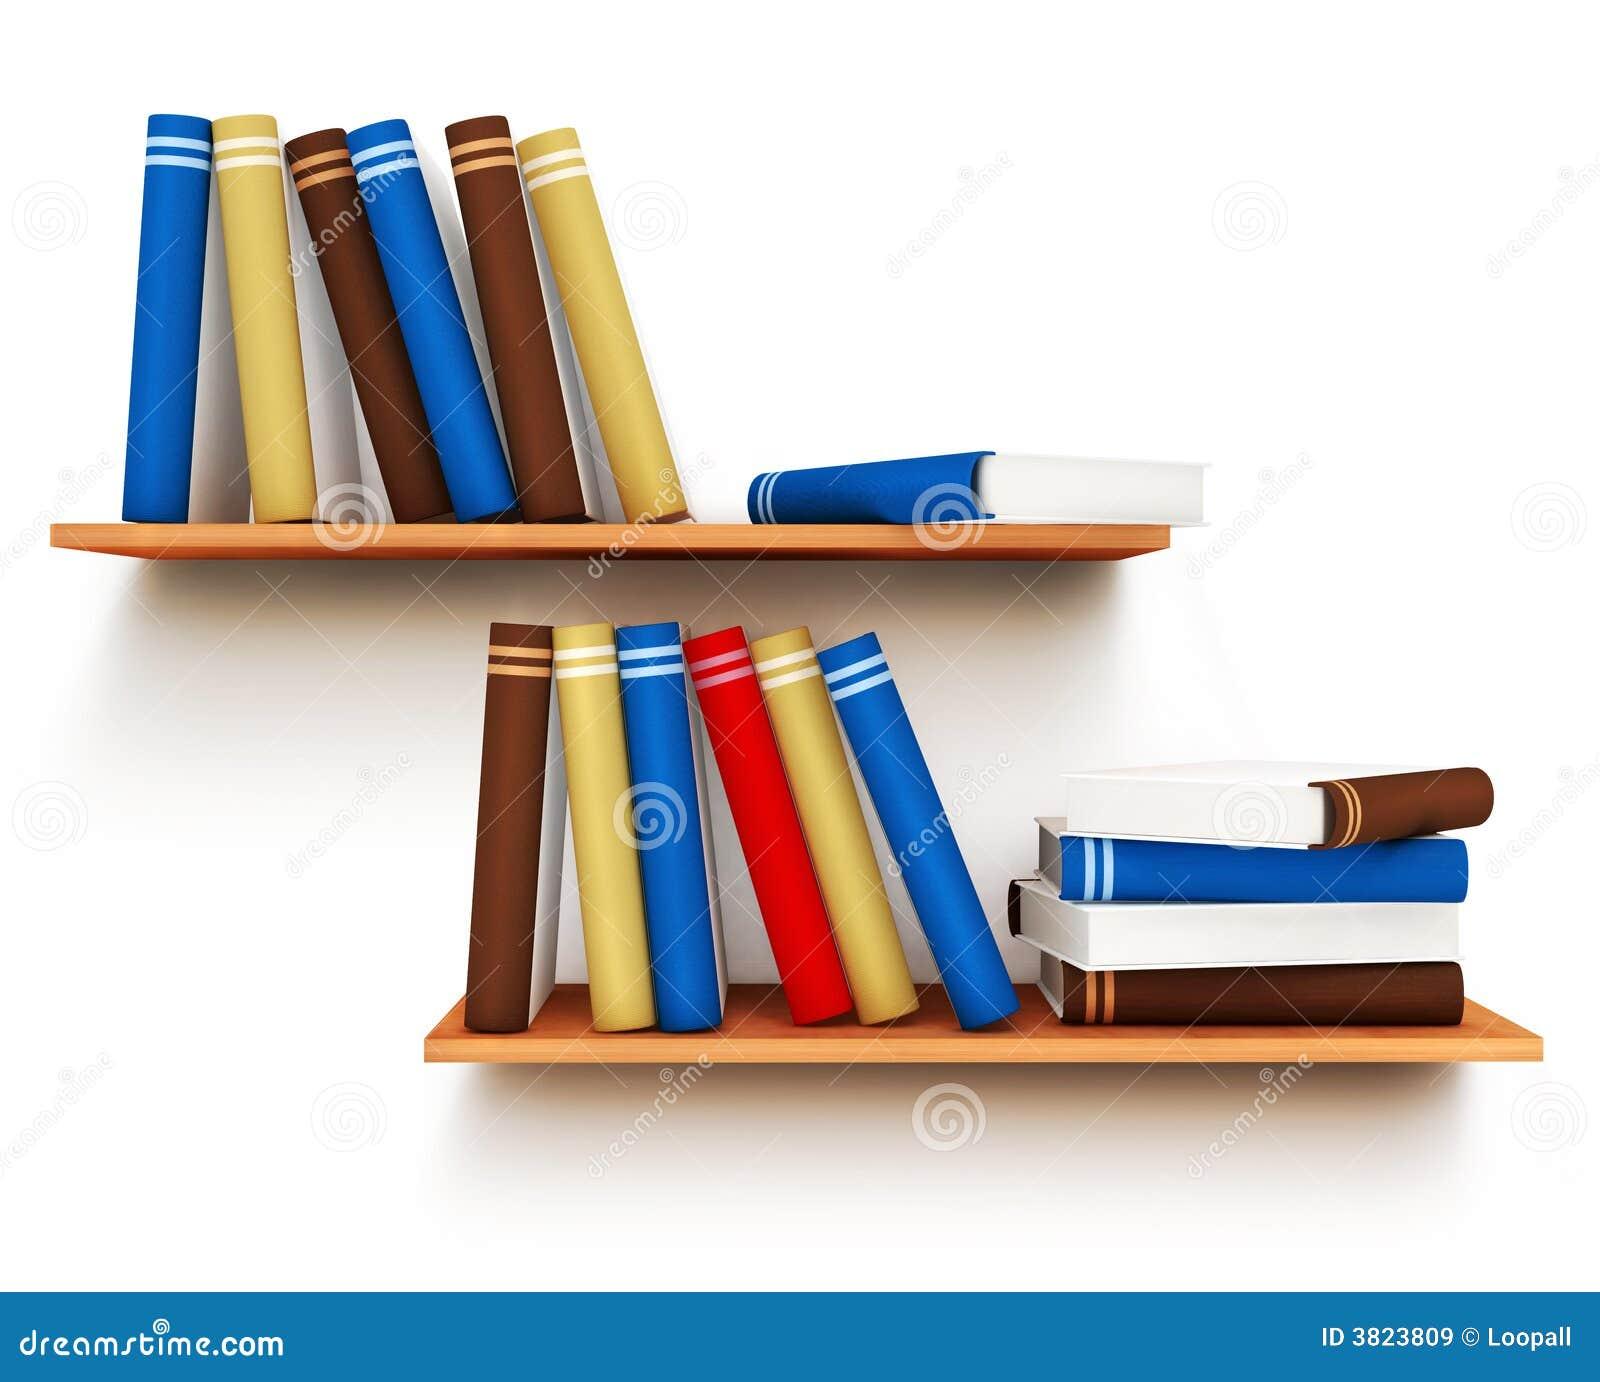 Image gallery el estante - Estantes para libros ...